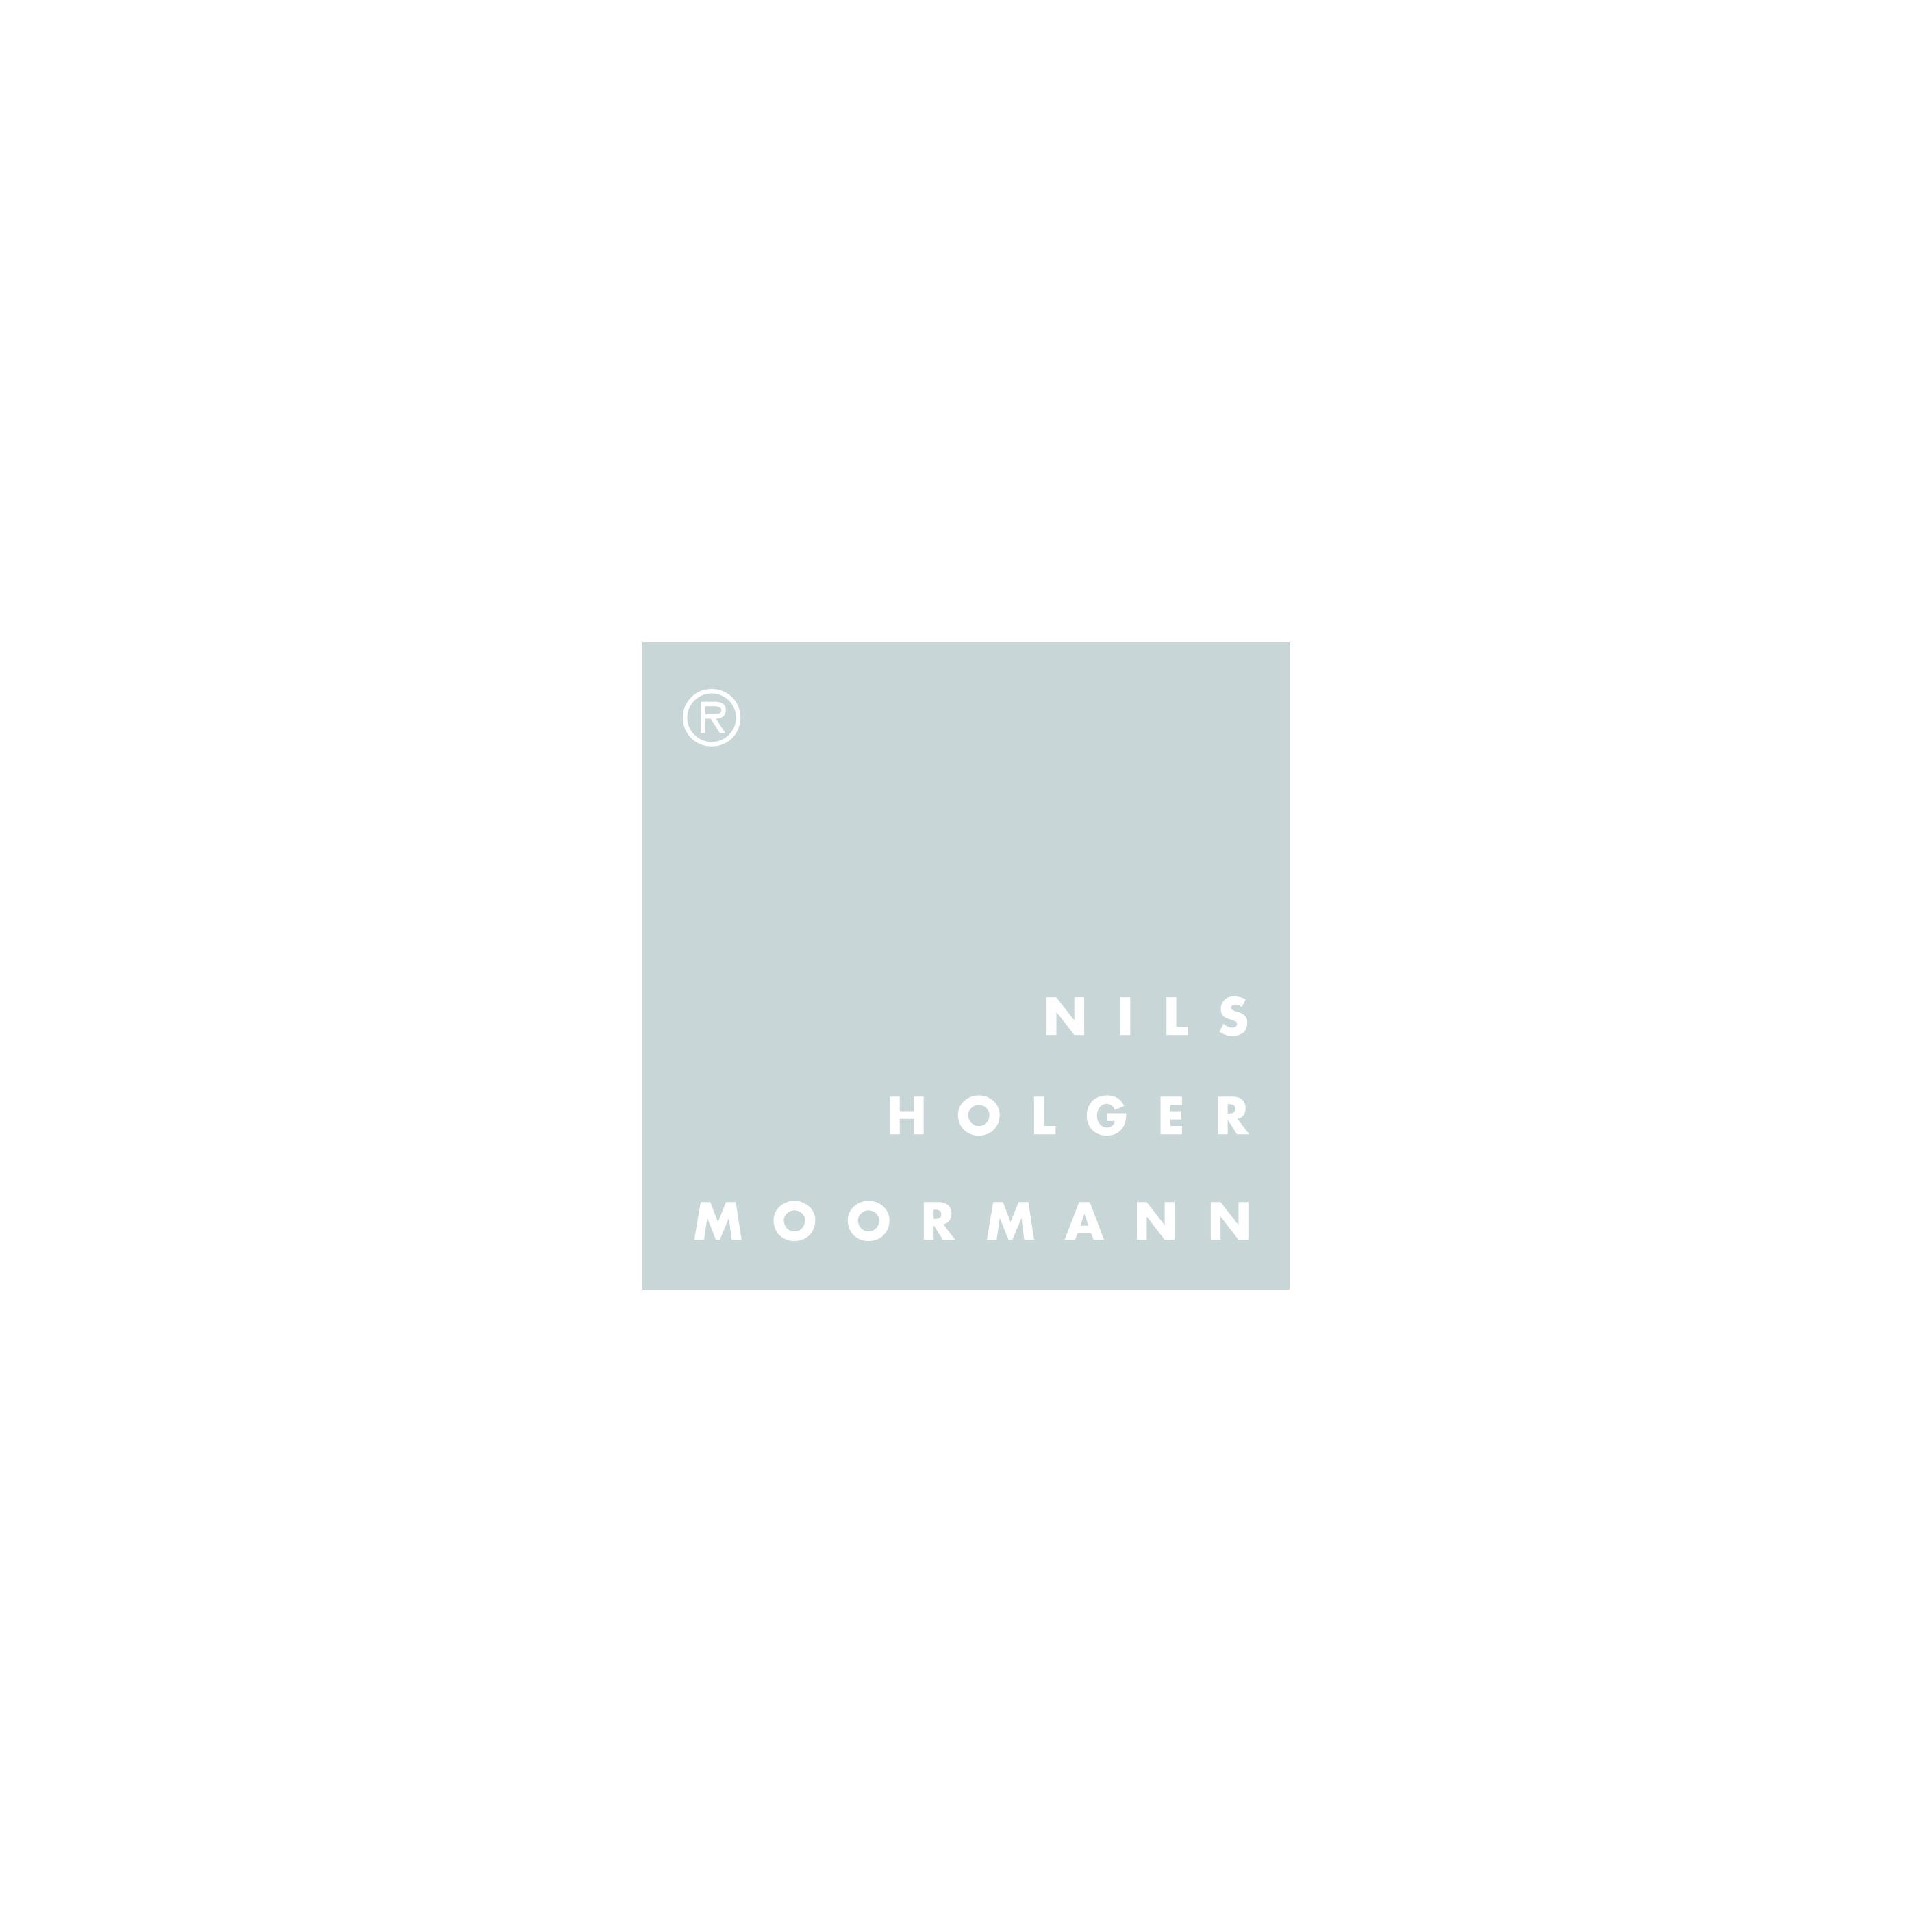 6ce0f49ad5 Siebenschläfer   Nils Holger Moormann GmbH